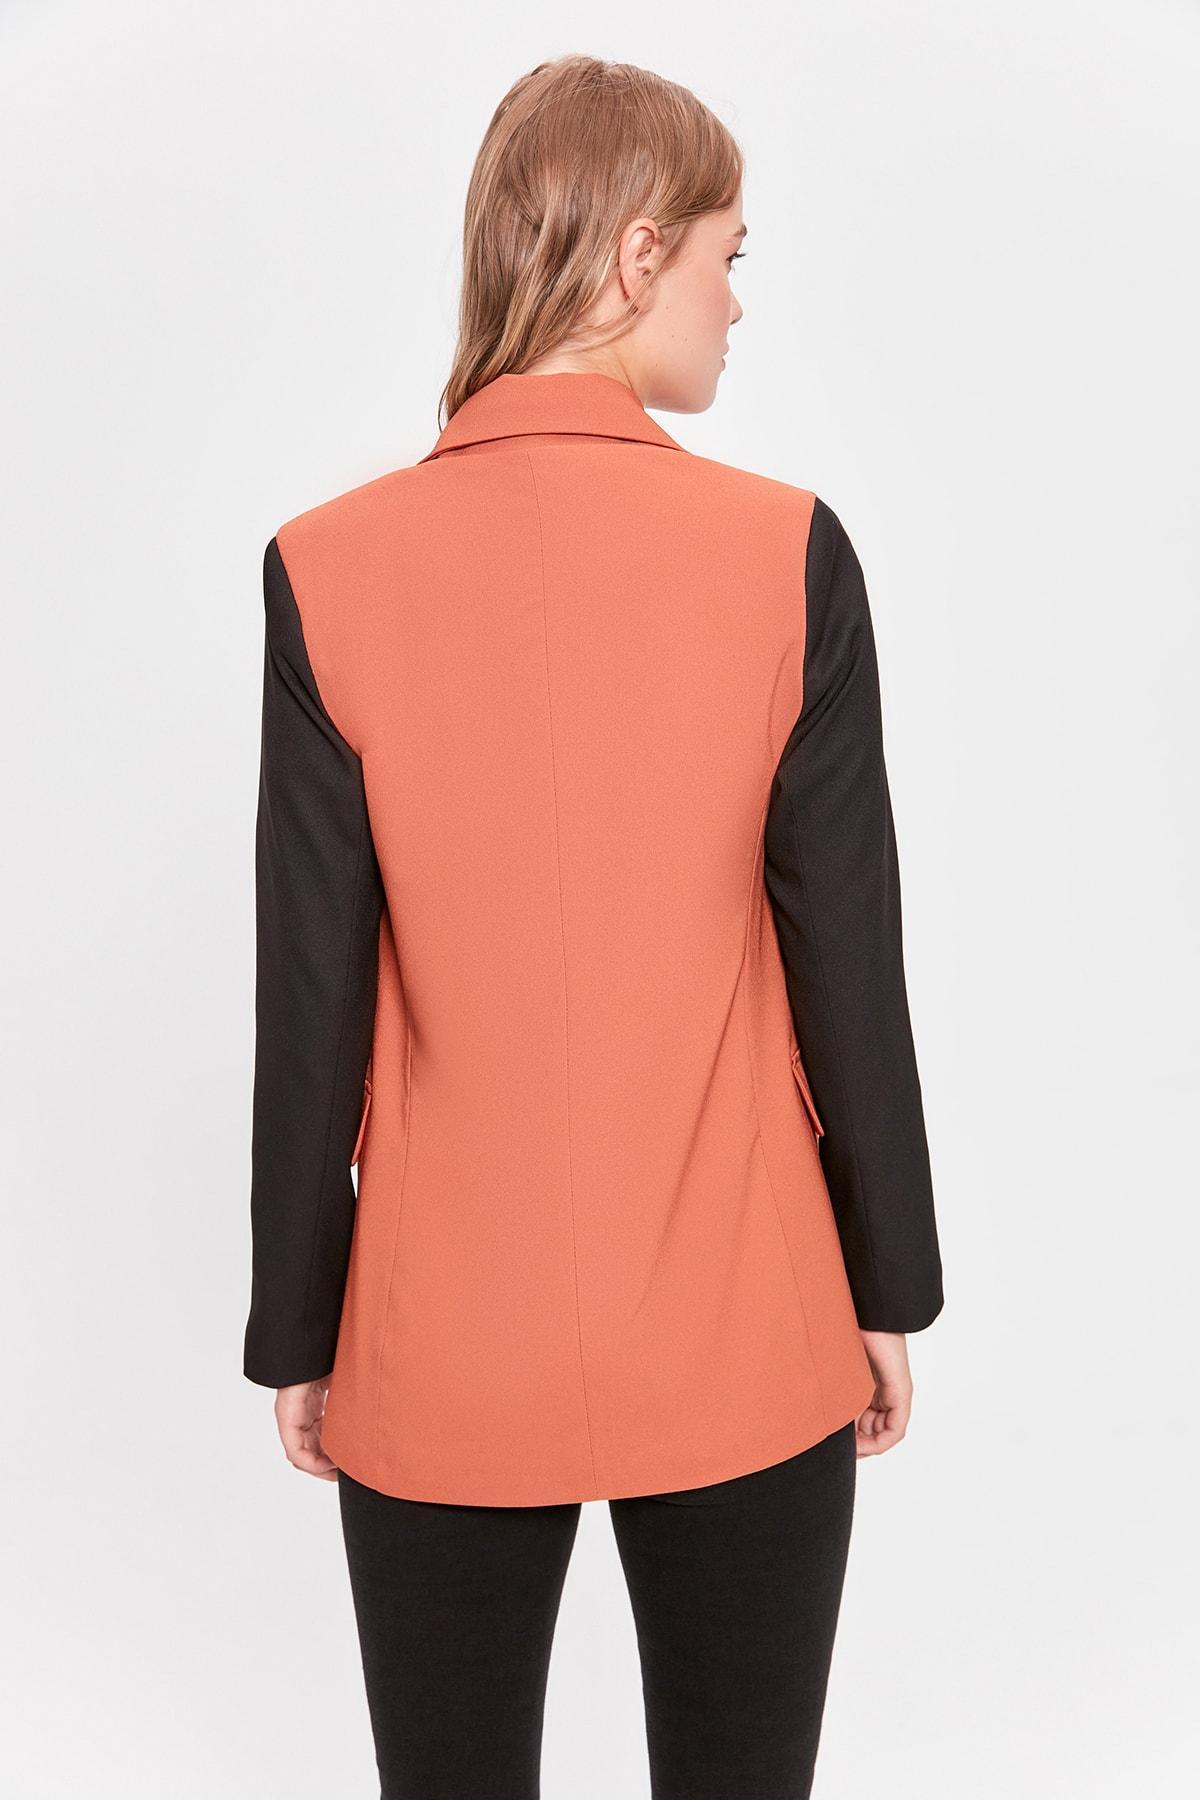 Renk Bloğu Ceket TWOAW20CE0301 ile Trendyol Çini